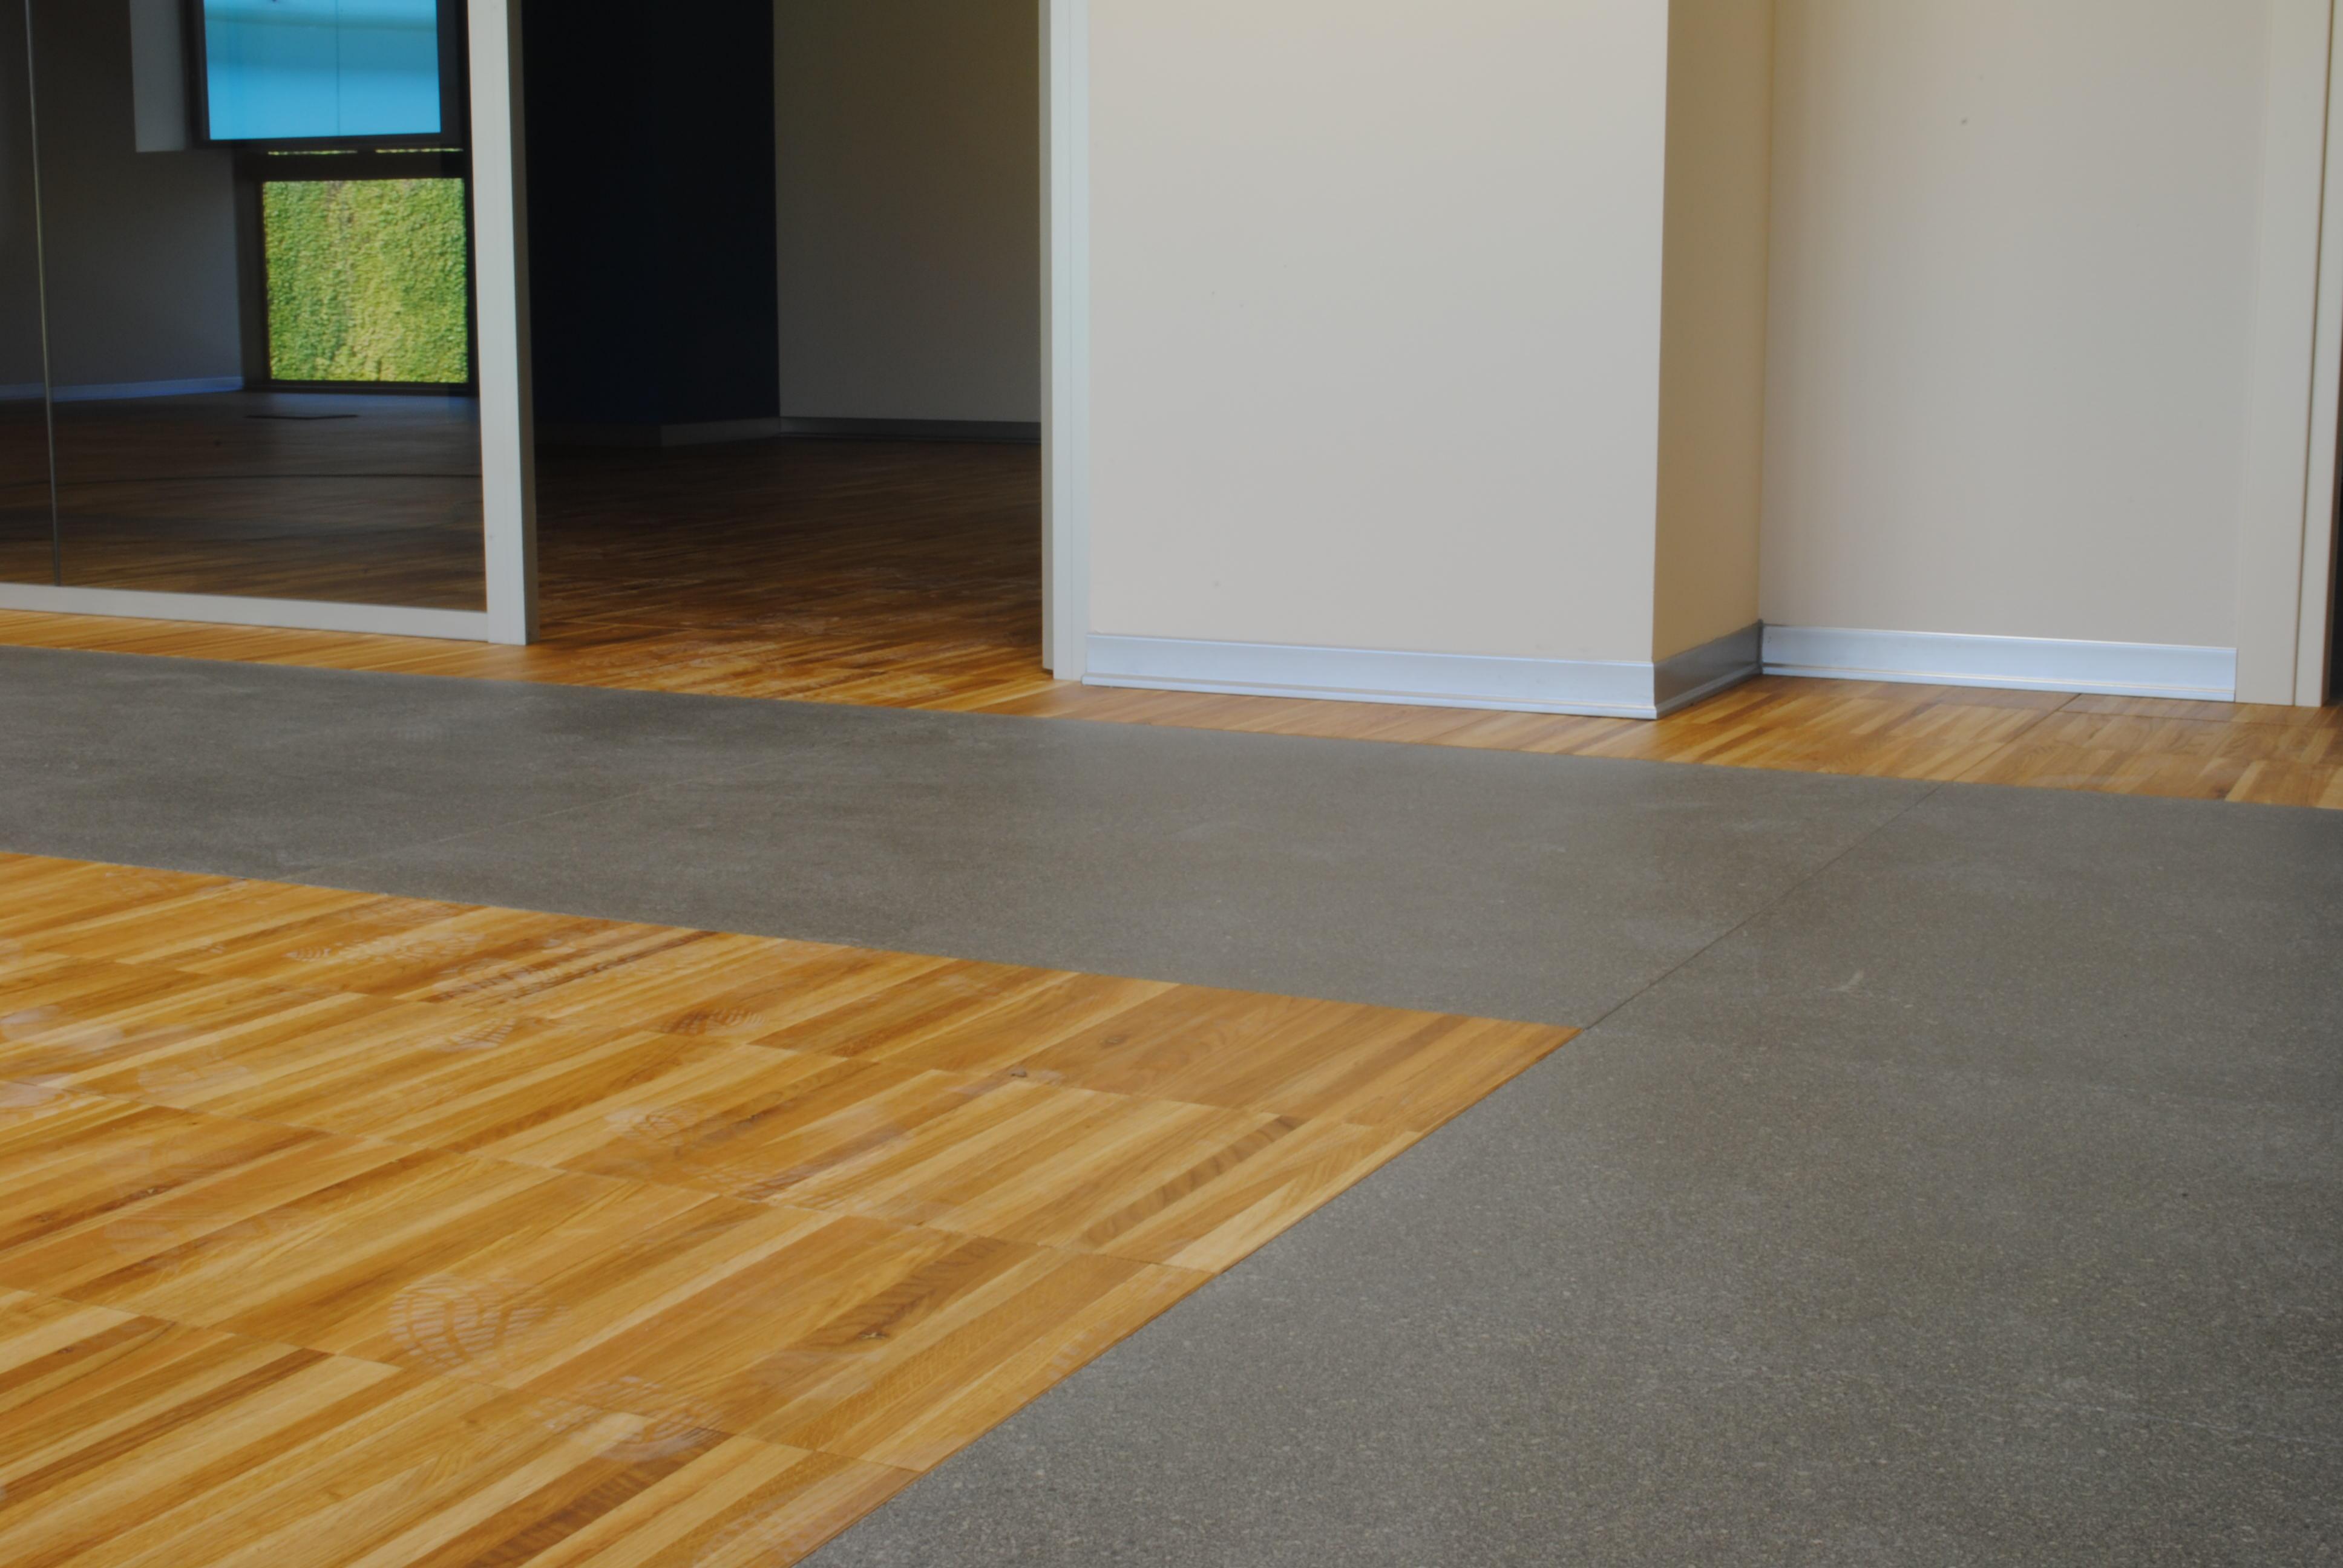 Azienda produzione articoli da regalo pavimenti sopraelevati floorlab - Regalo piastrelle da esterno ...